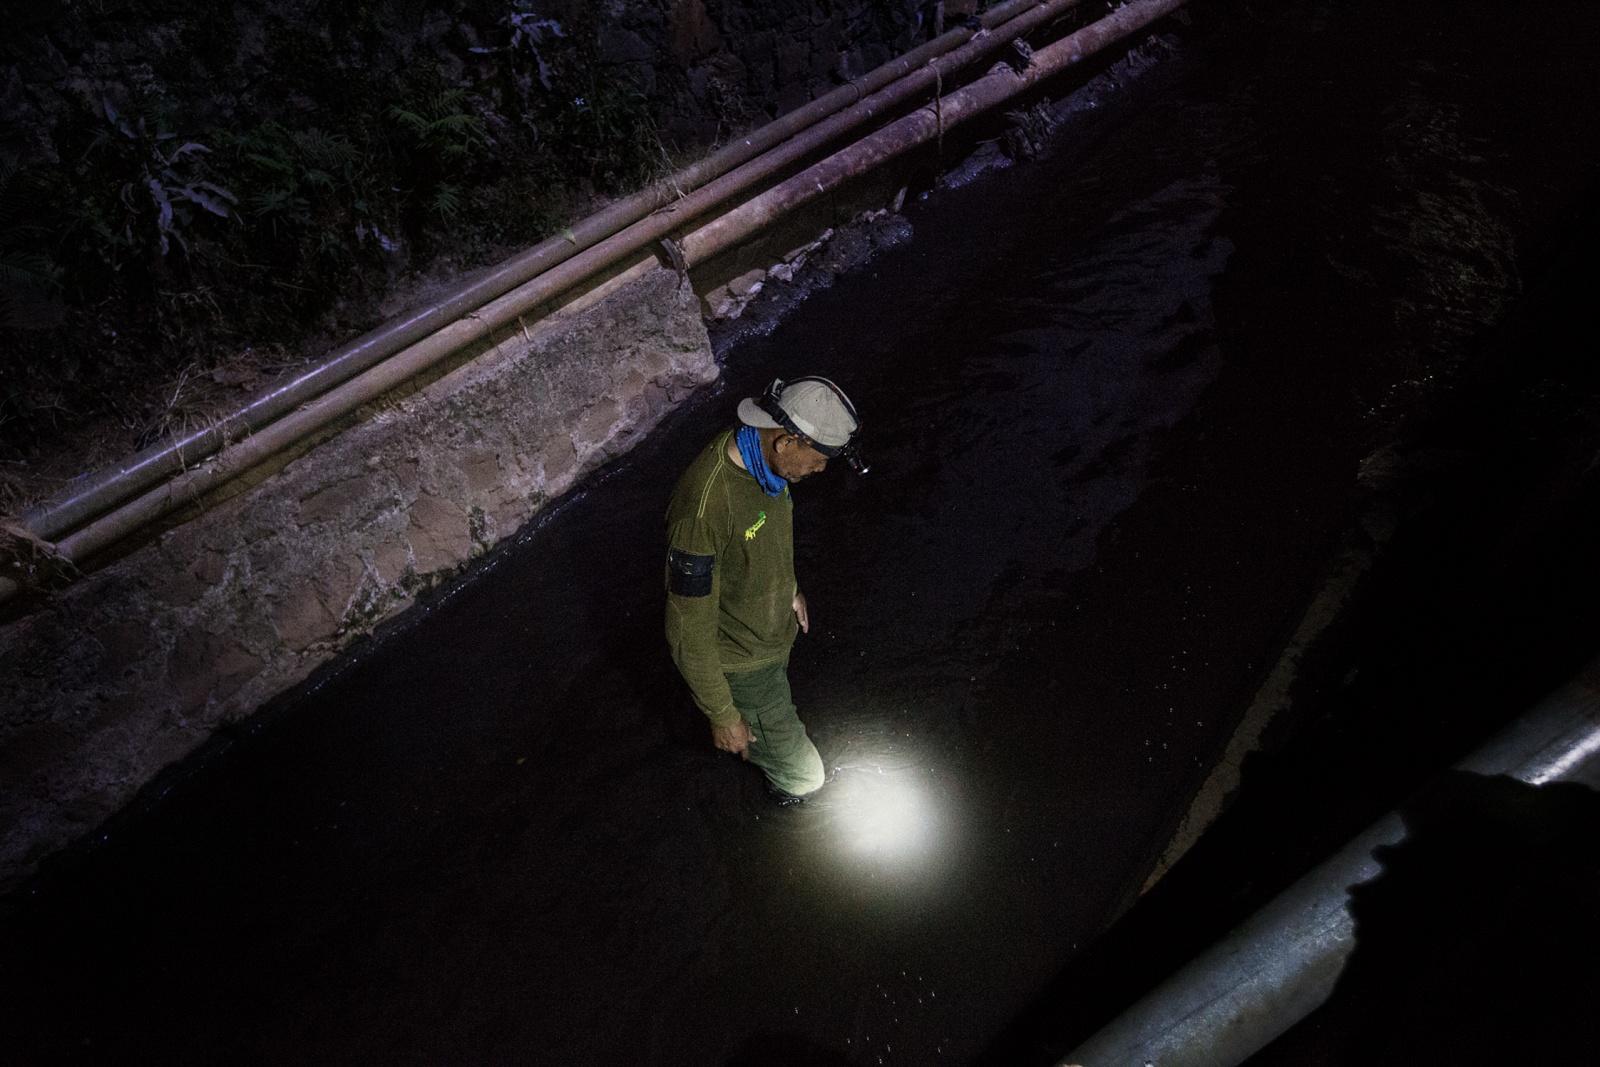 """Majalaya Area, Bandung Regency, West Jawa, Indonesia, 2019 - Mr. Alit, attivista ambientalista di Badega Lingkungan, controlla un canale nell'area industriale della città di Majalaya alla ricerca di scarichi abusivi durante il progetto """"Citarum water patrol"""". L'acqua torbida in cui cammina è altamente inquinata e spesso causa prurito, dermatiti da contatto e rash cutaneo."""